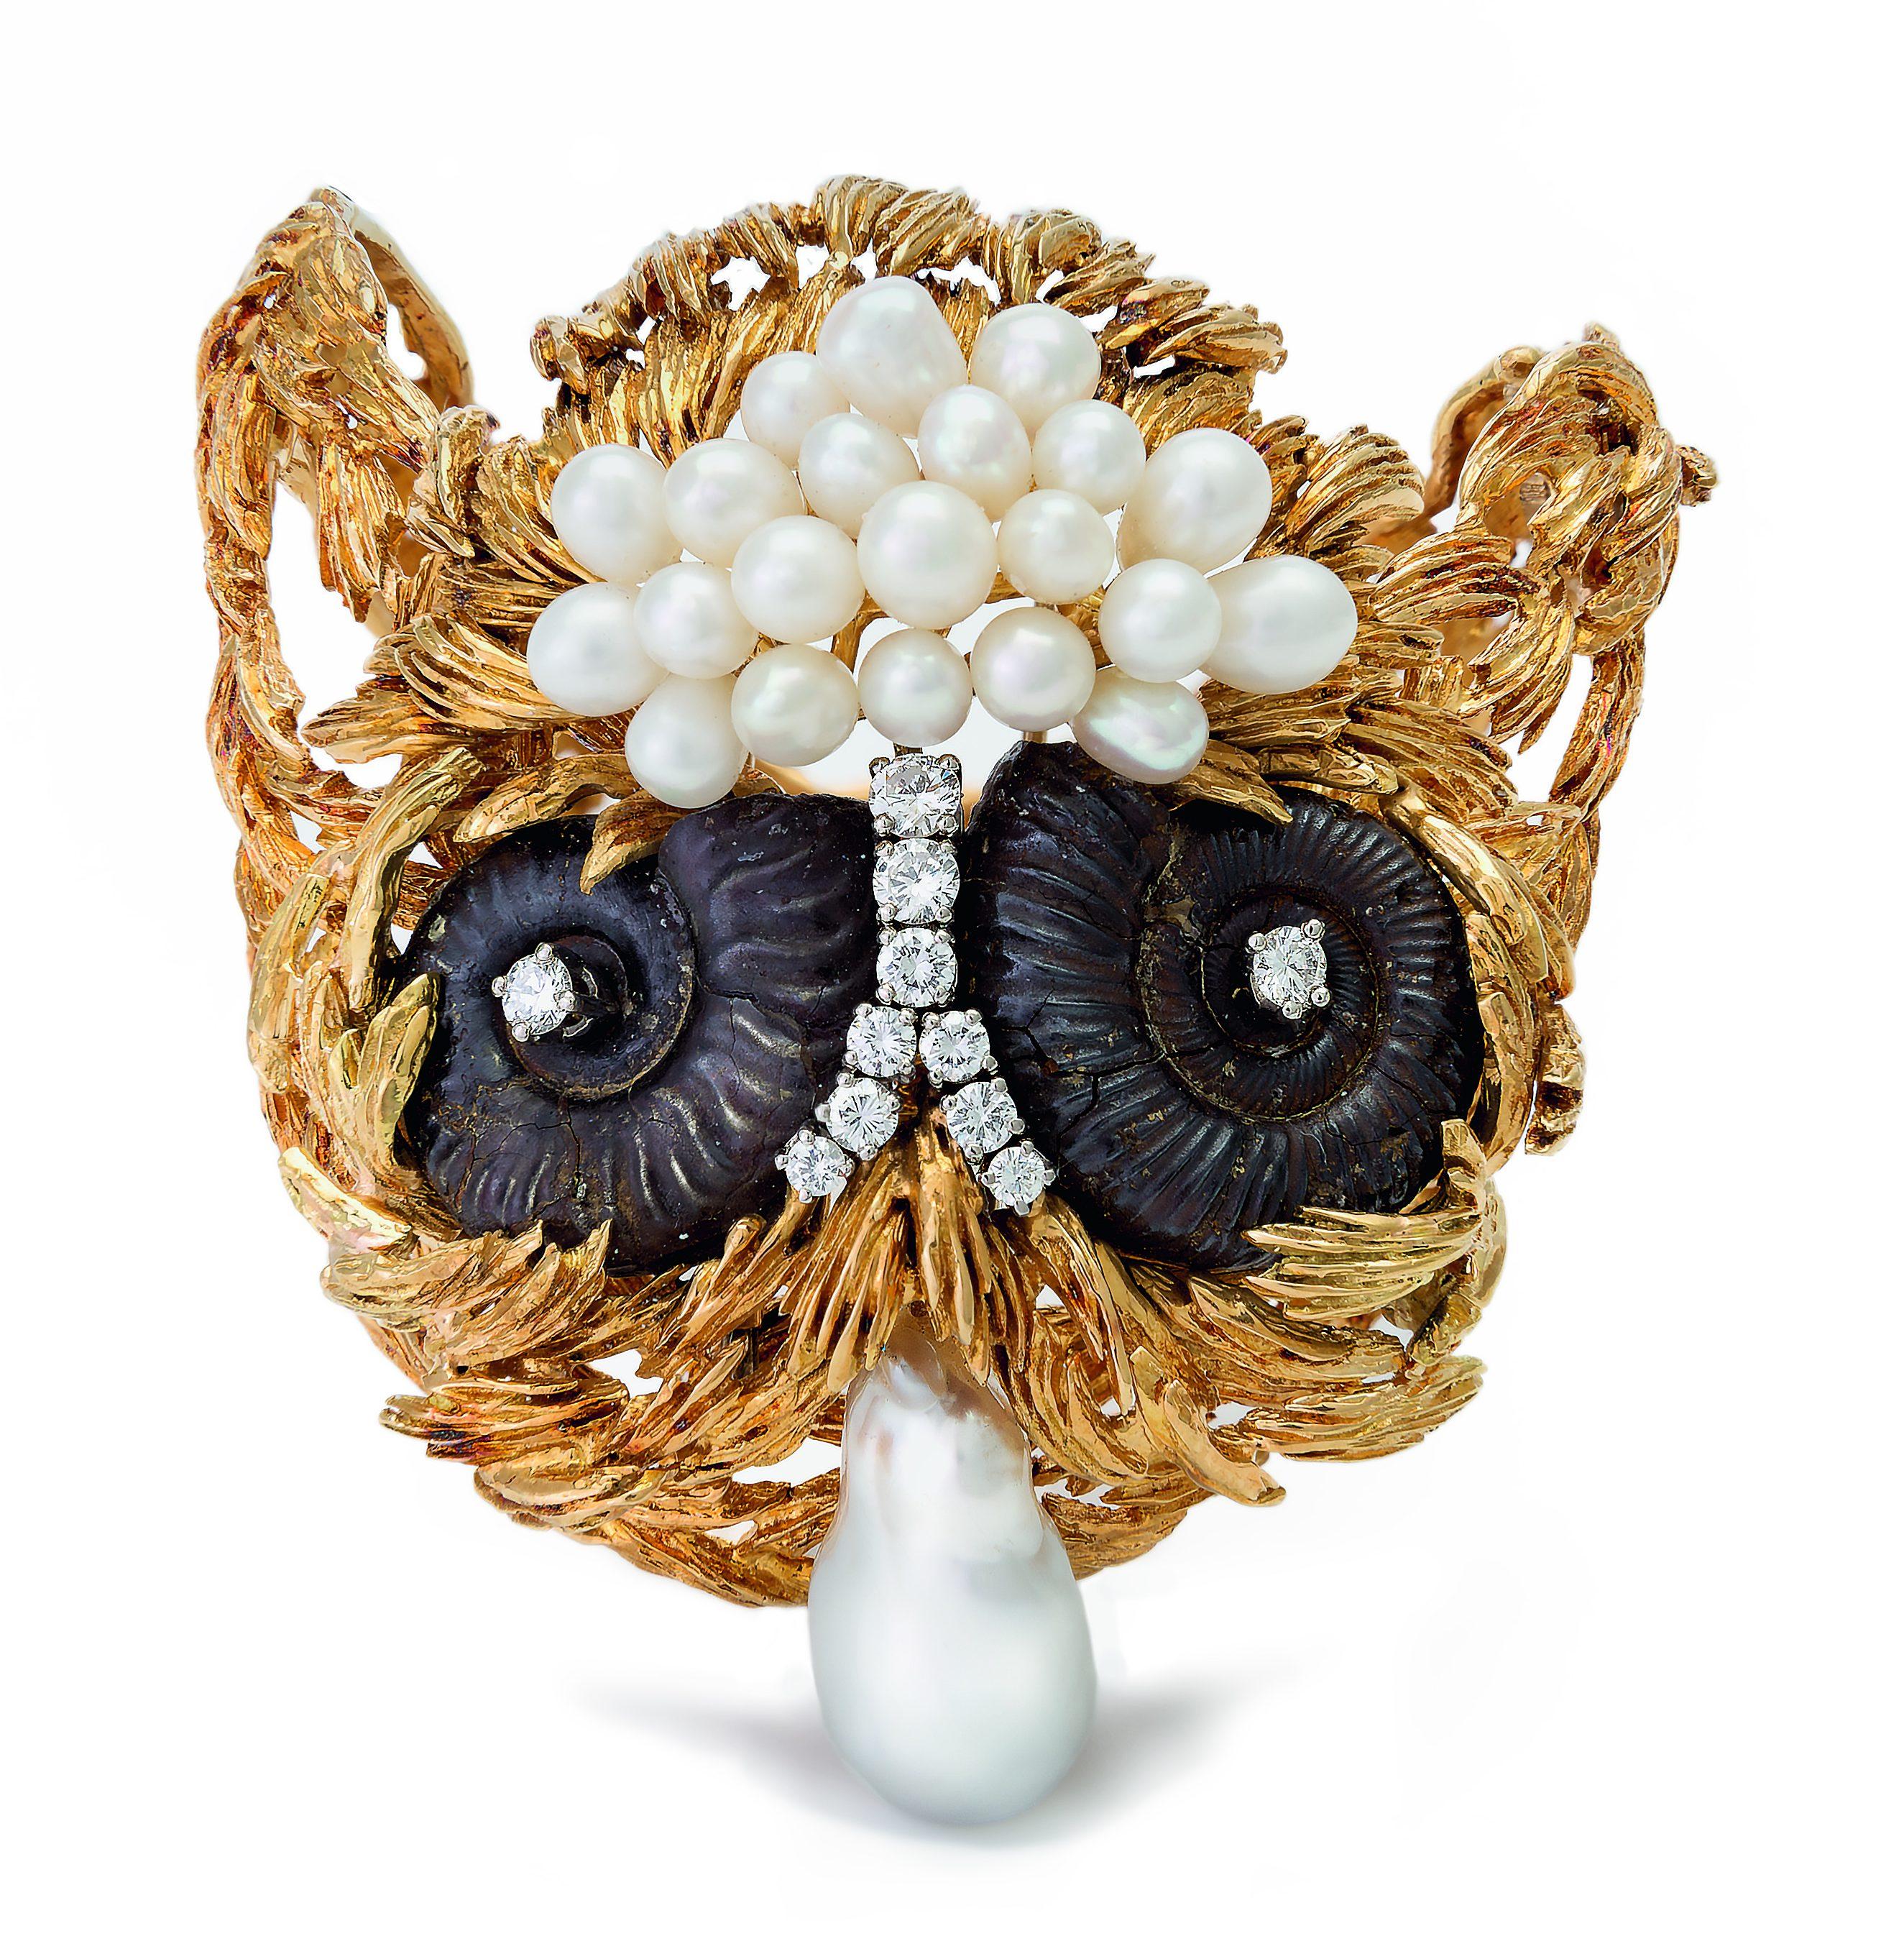 Gilbert Albert, armband/broche, 1960-1969. Collectie Kimberly Klosterman. Foto Kimberly Klosterman, goud, parel, fossiel, ammoniet, diamant